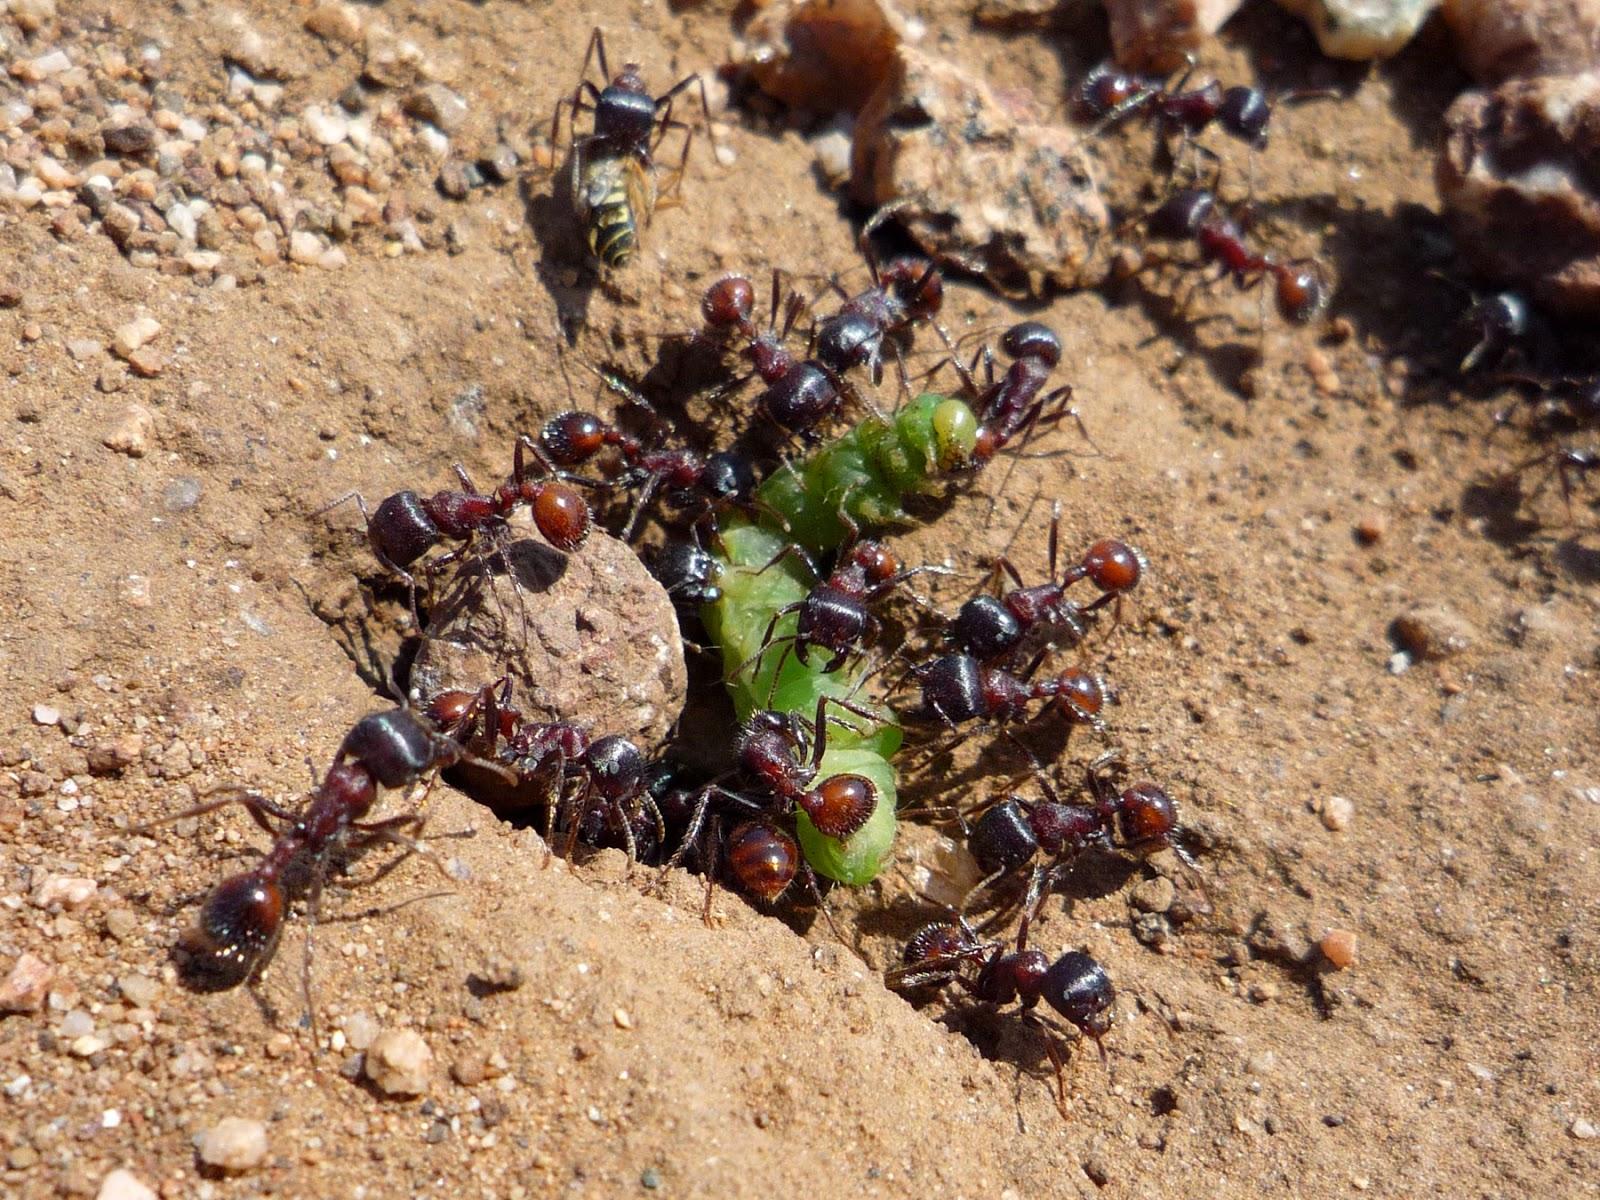 Bagaimana nak bunuh semut